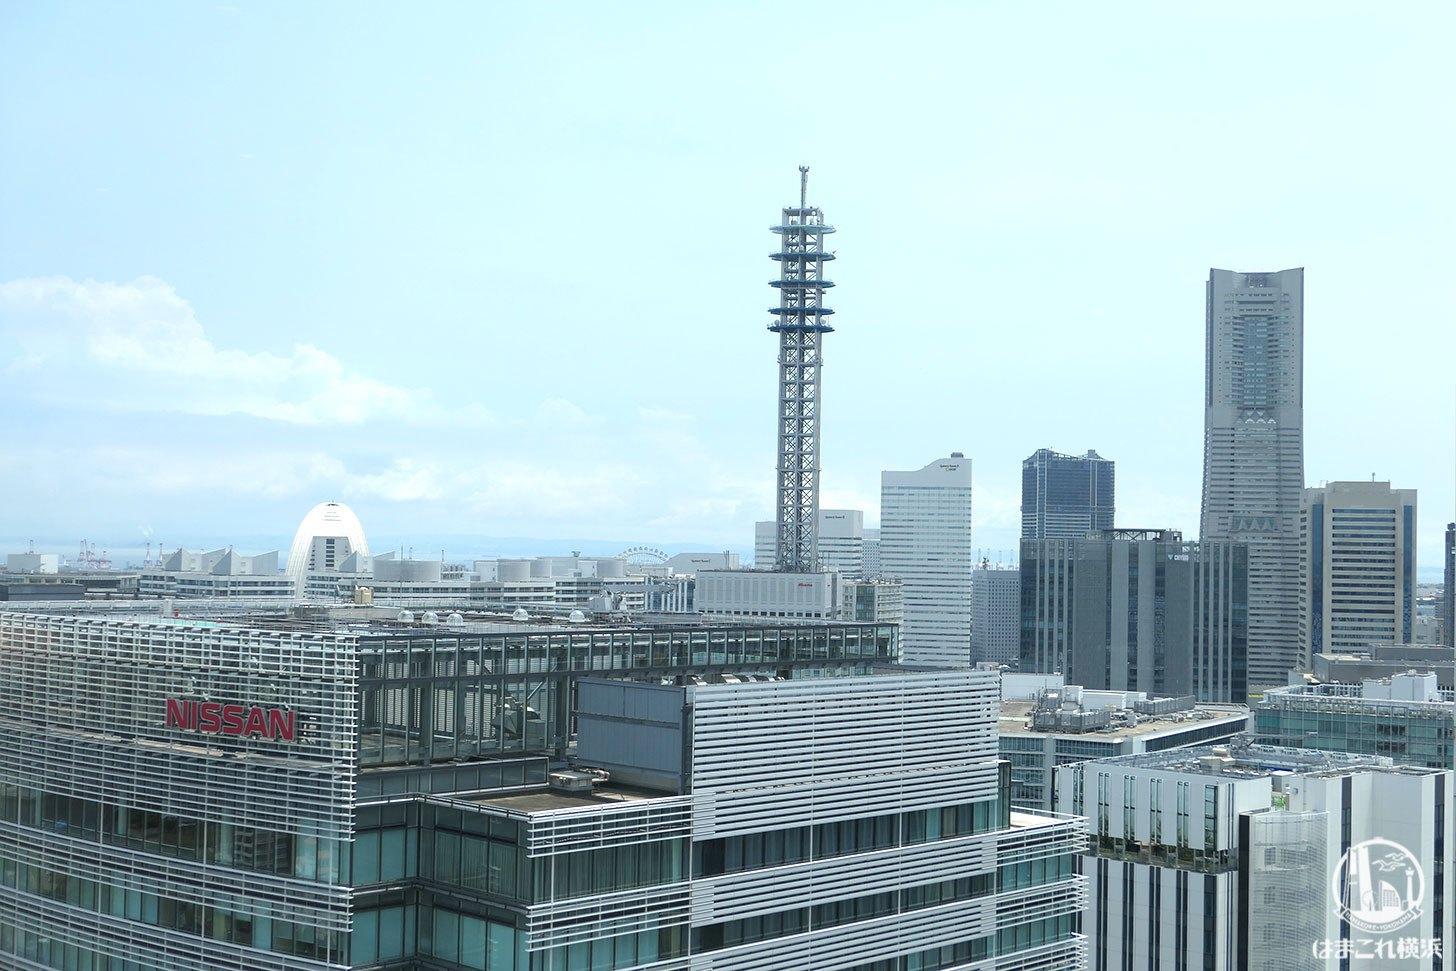 横浜 星のなる木 窓側席から見た景色